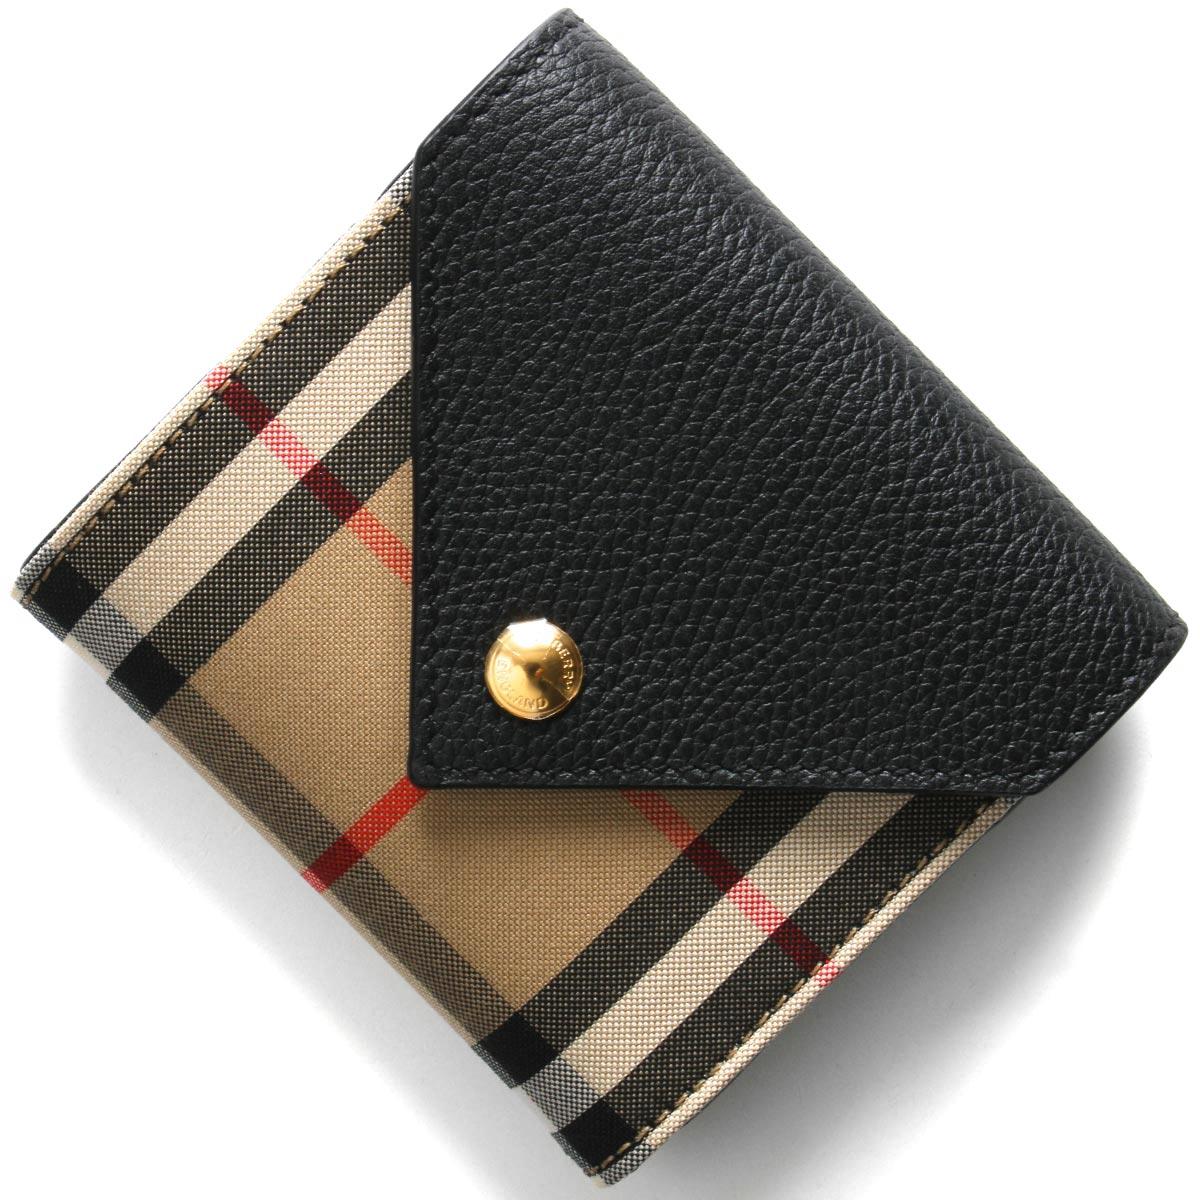 バーバリー 三つ折り財布 財布 レディース リラ ヴィンテージチェック アーカイブベージュ&ブラック LS LILA EV LZ8 116270 A1189 8026114 2020年春夏新作 BURBERRY